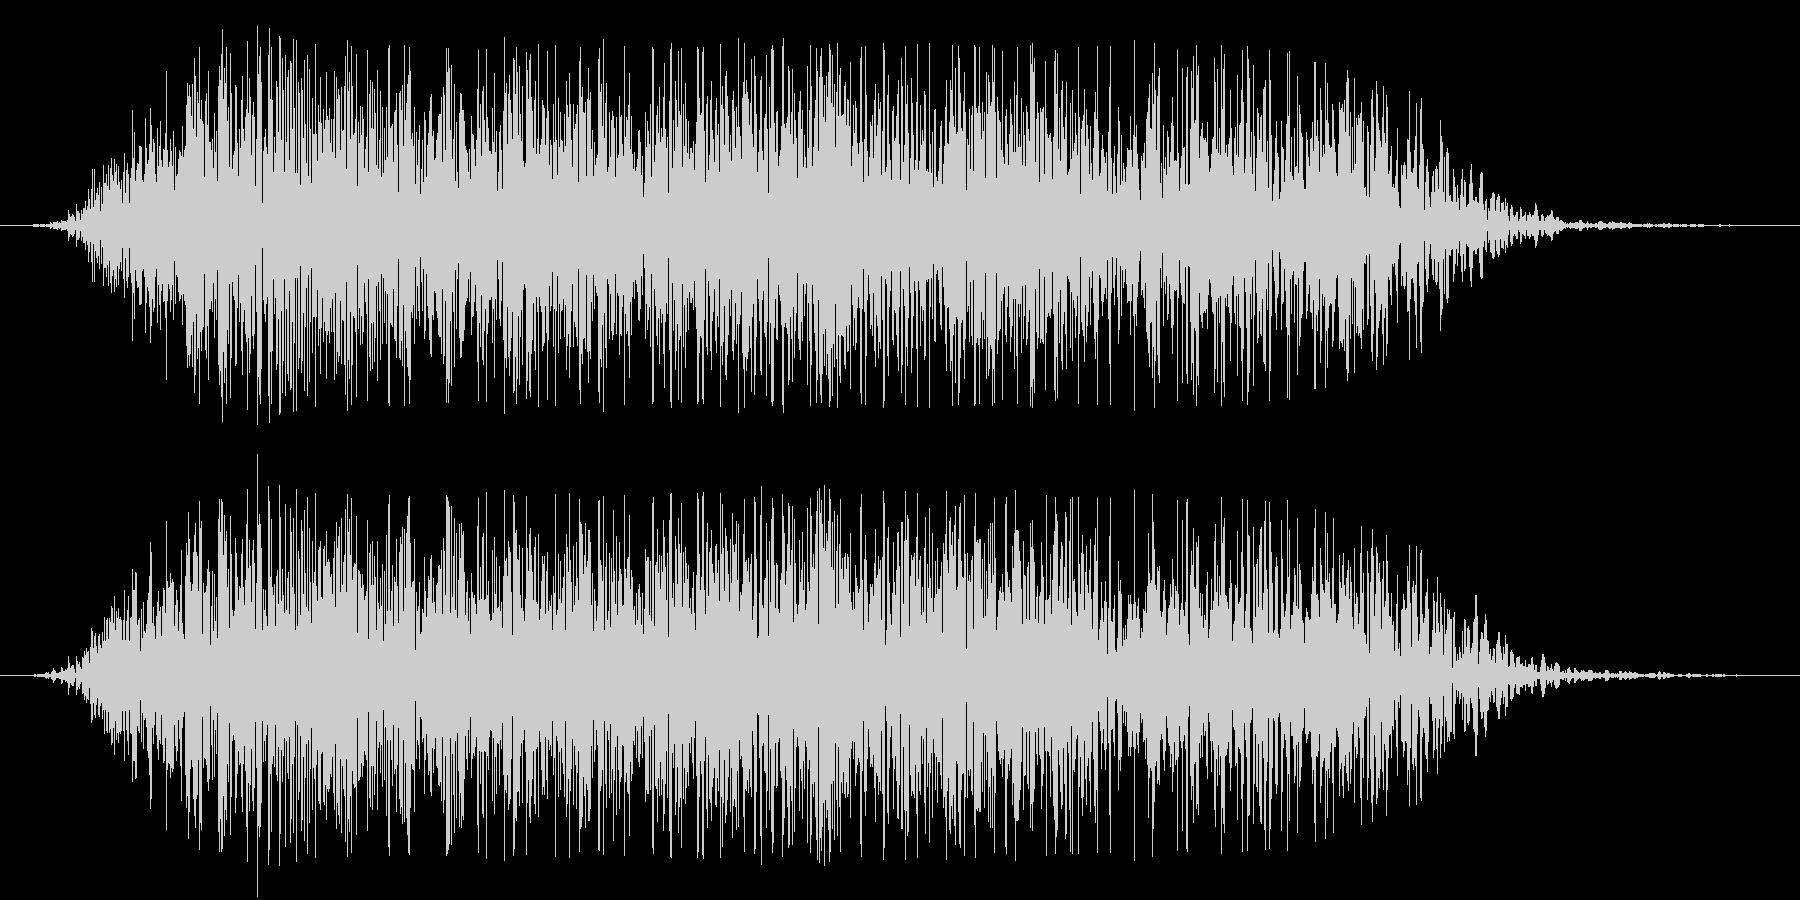 アフリカライオンの咆哮(スタンダード)の未再生の波形